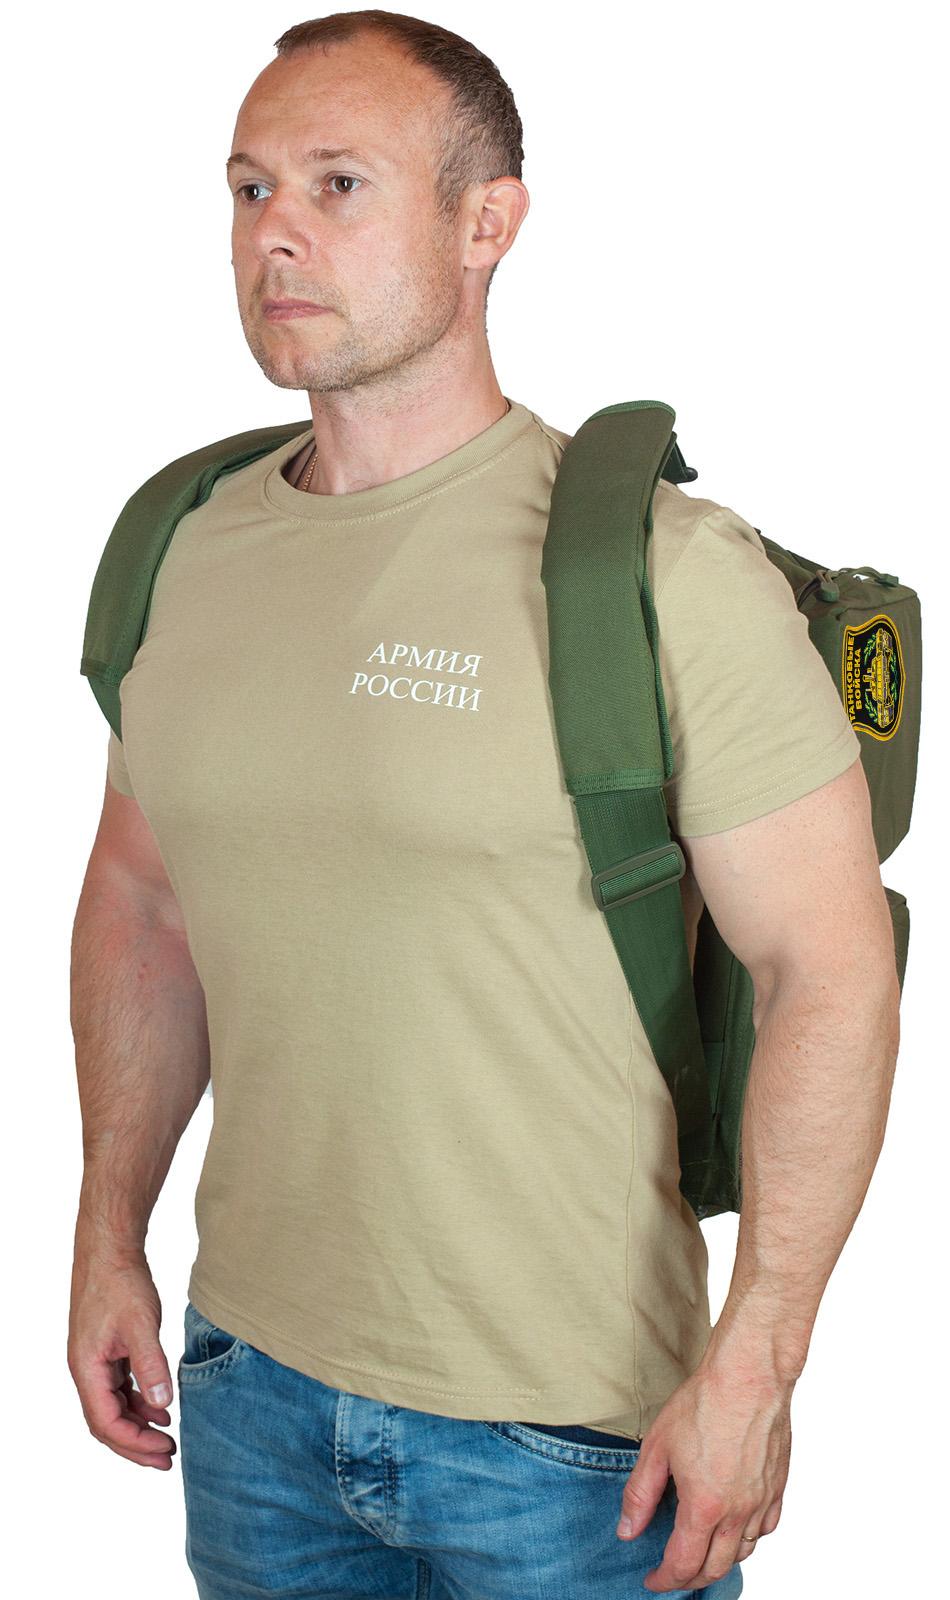 Крутая походная сумка-рюкзак с нашивкой Танковые Войска - купить в розницу